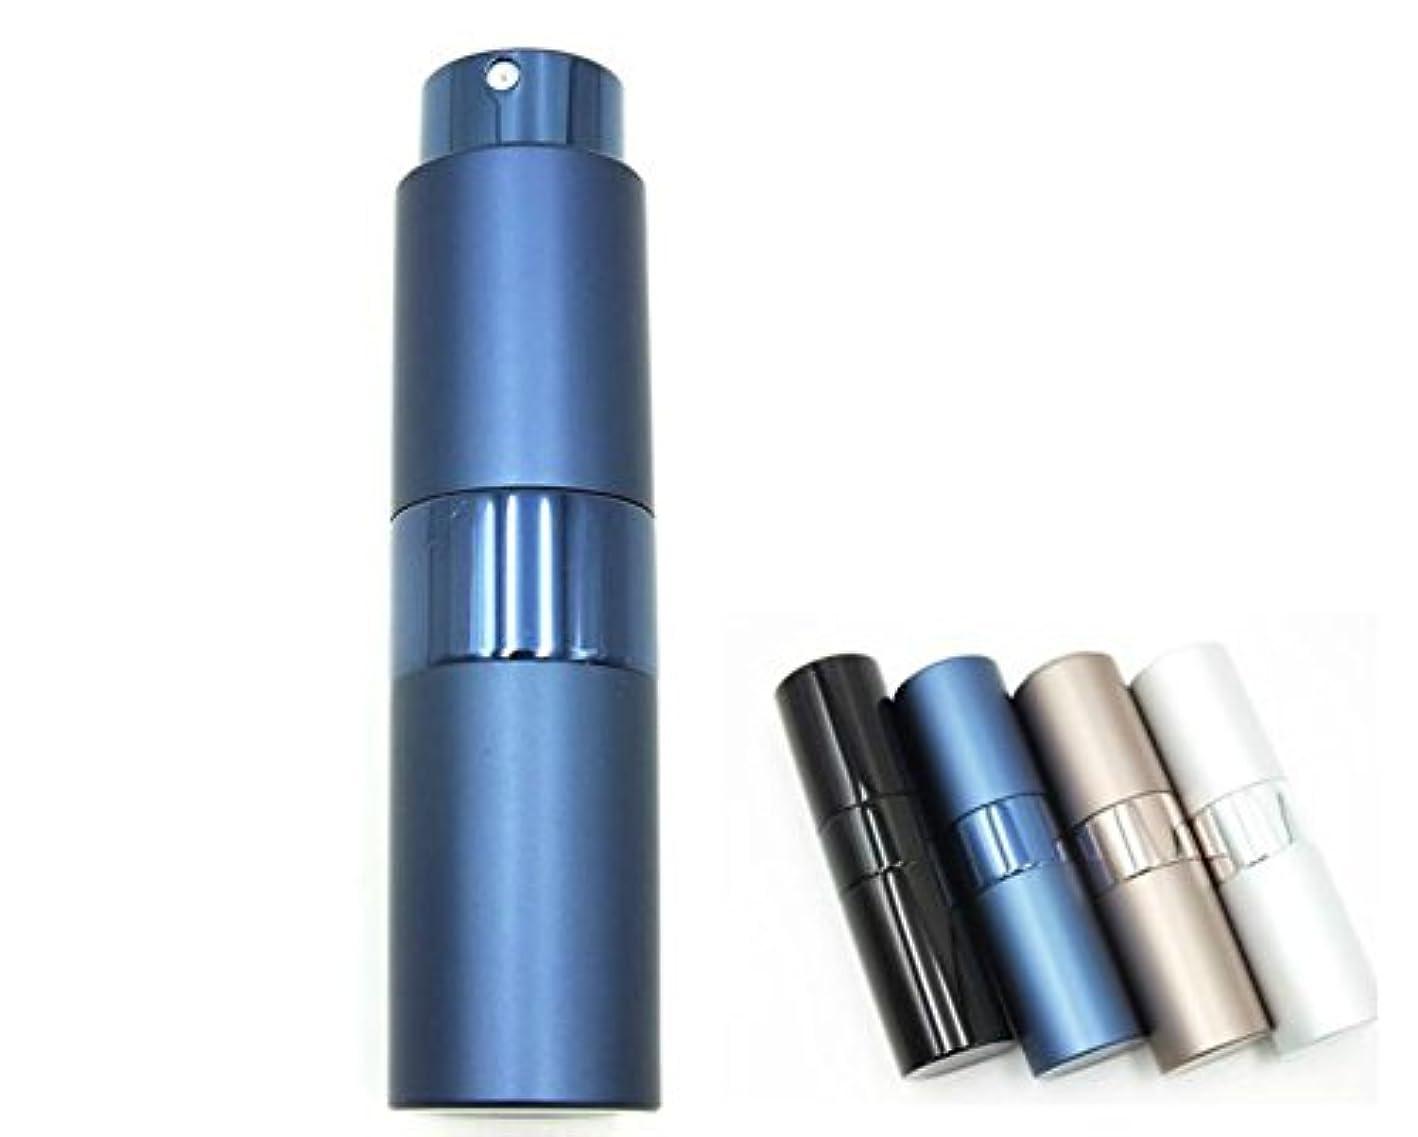 システムほぼスーダンShopXJ 香水 メンズ アトマイザー 大人 男性 プッシュ式 詰め替え 持ち運び 身だしなみ 携帯用 15ml (ネイビー)